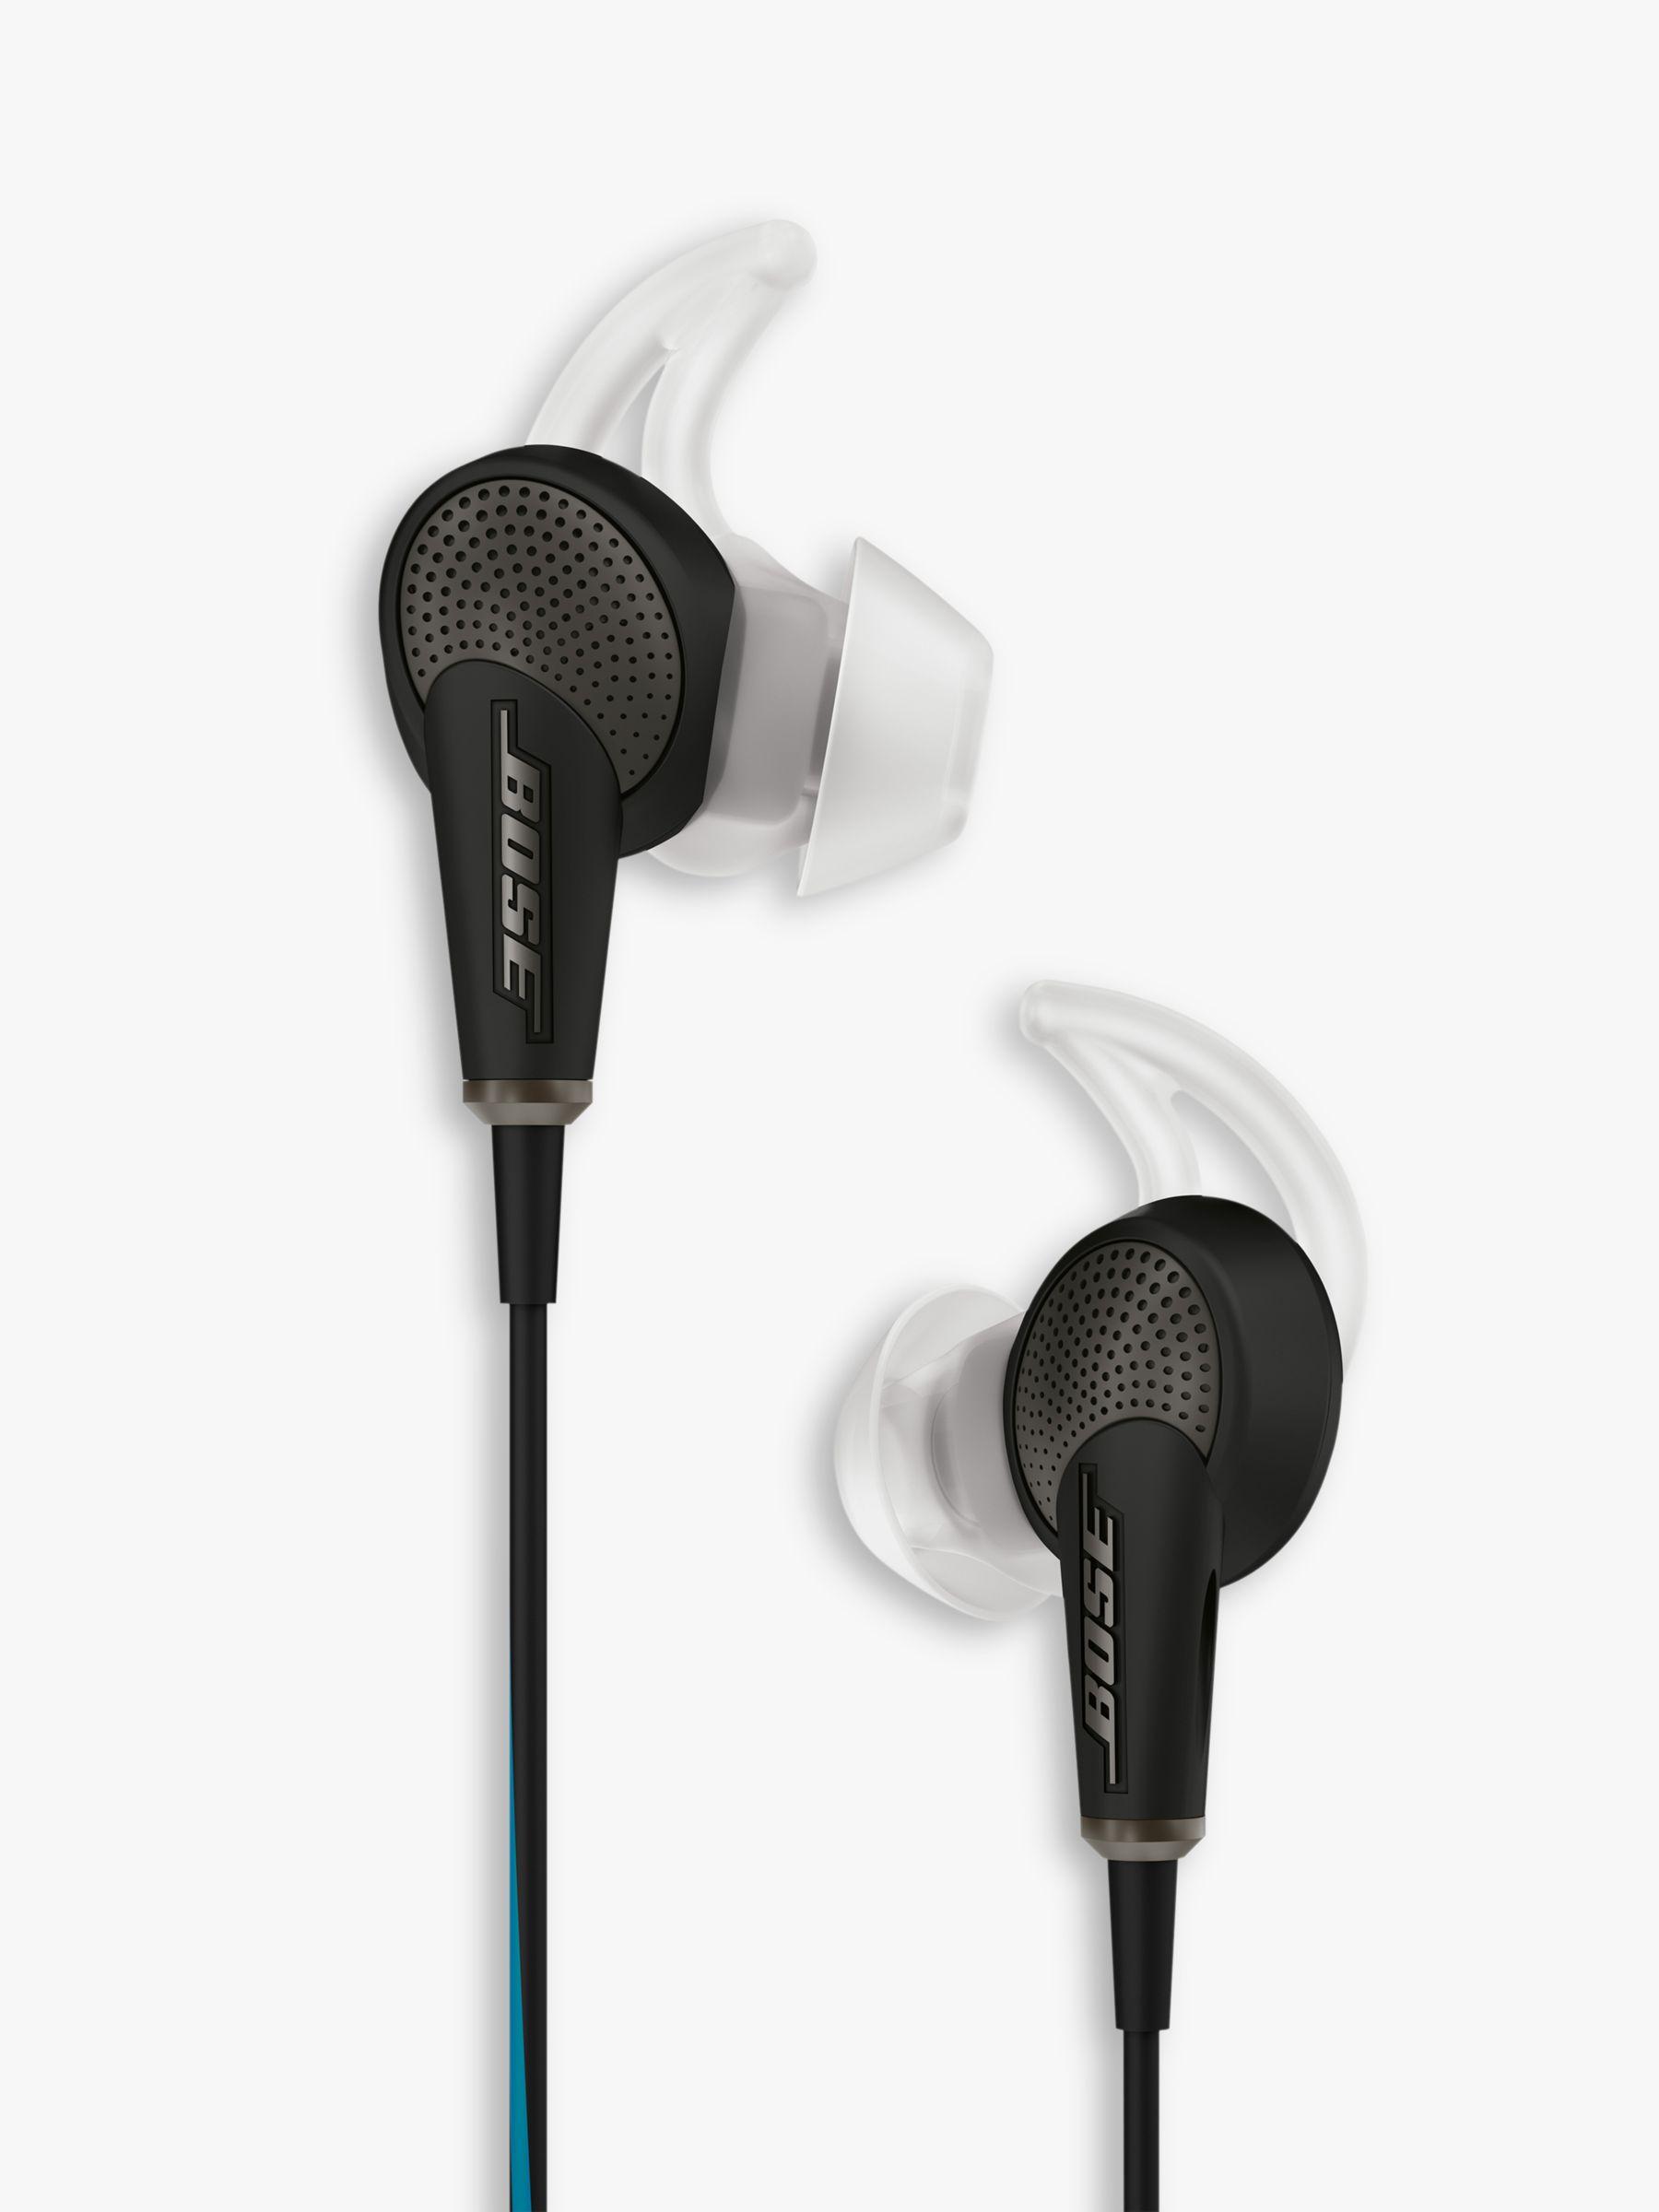 bose quiet fort noise cancelling qc20 acoustic in ear Bose AirPlay buybose quiet fort noise cancelling qc20 acoustic in ear headphones for samsung and